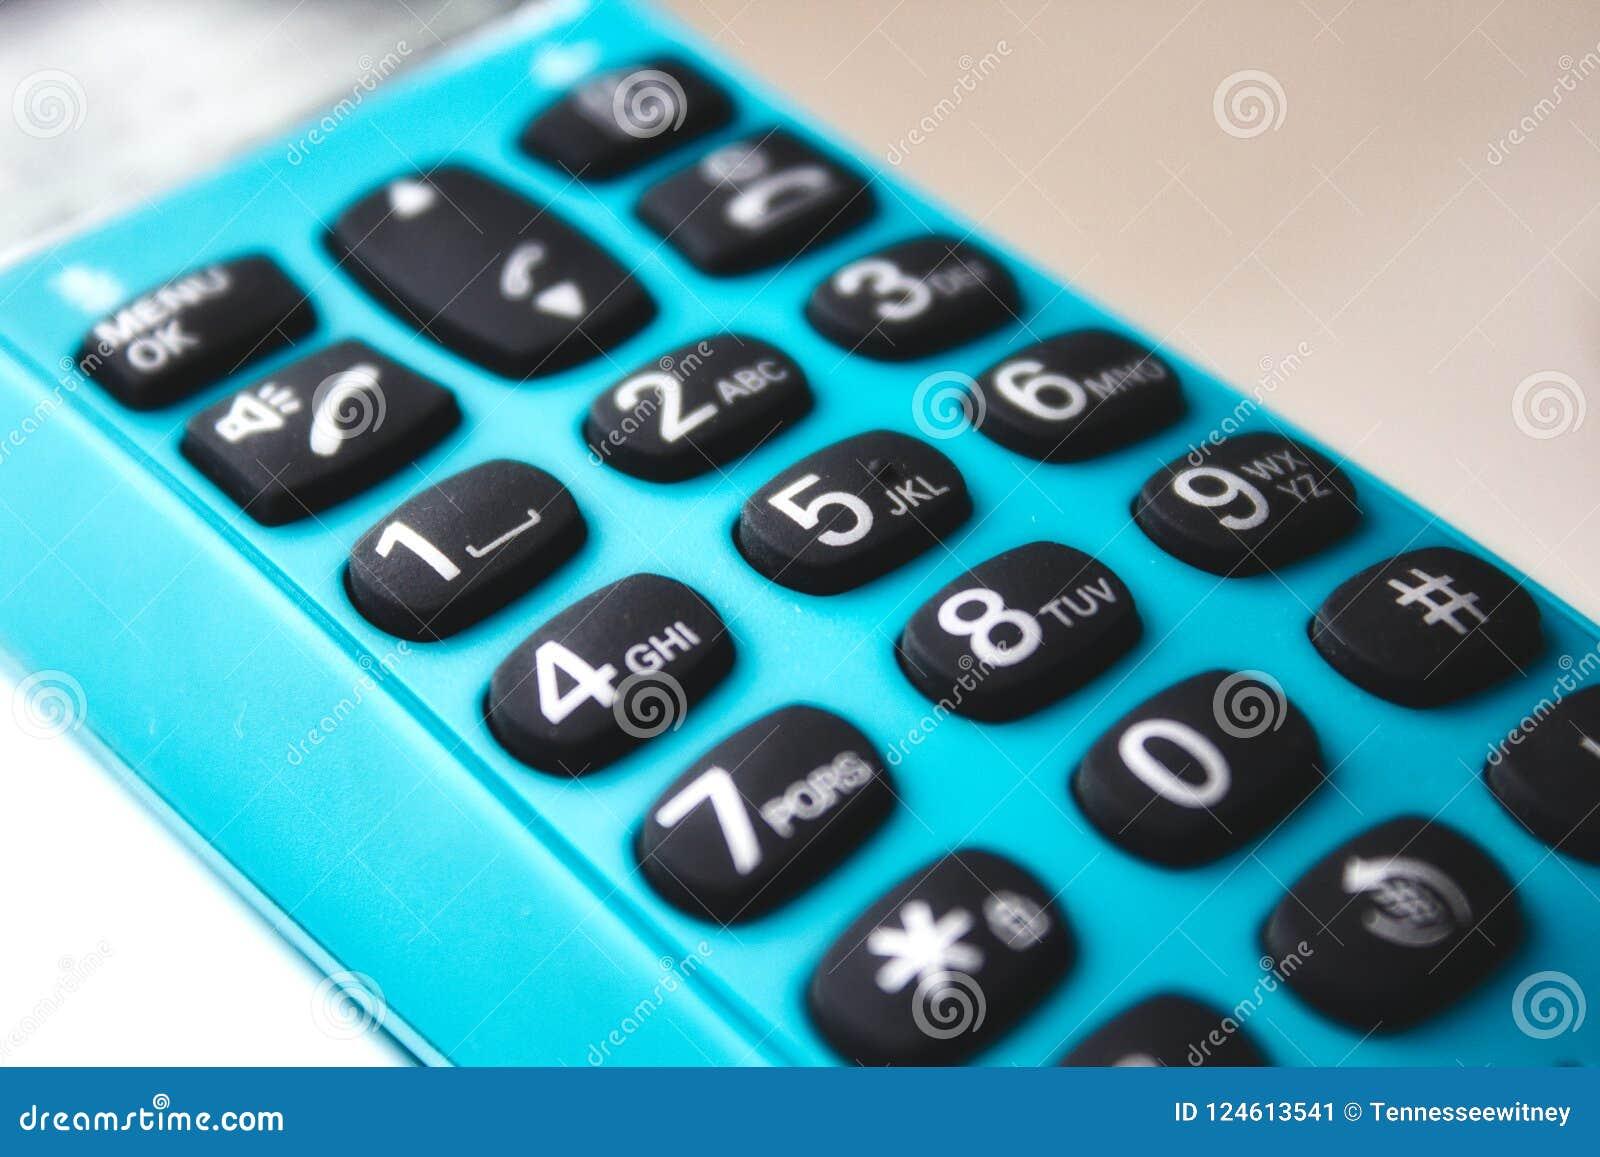 Primer en telclado numérico de un teléfono de mano